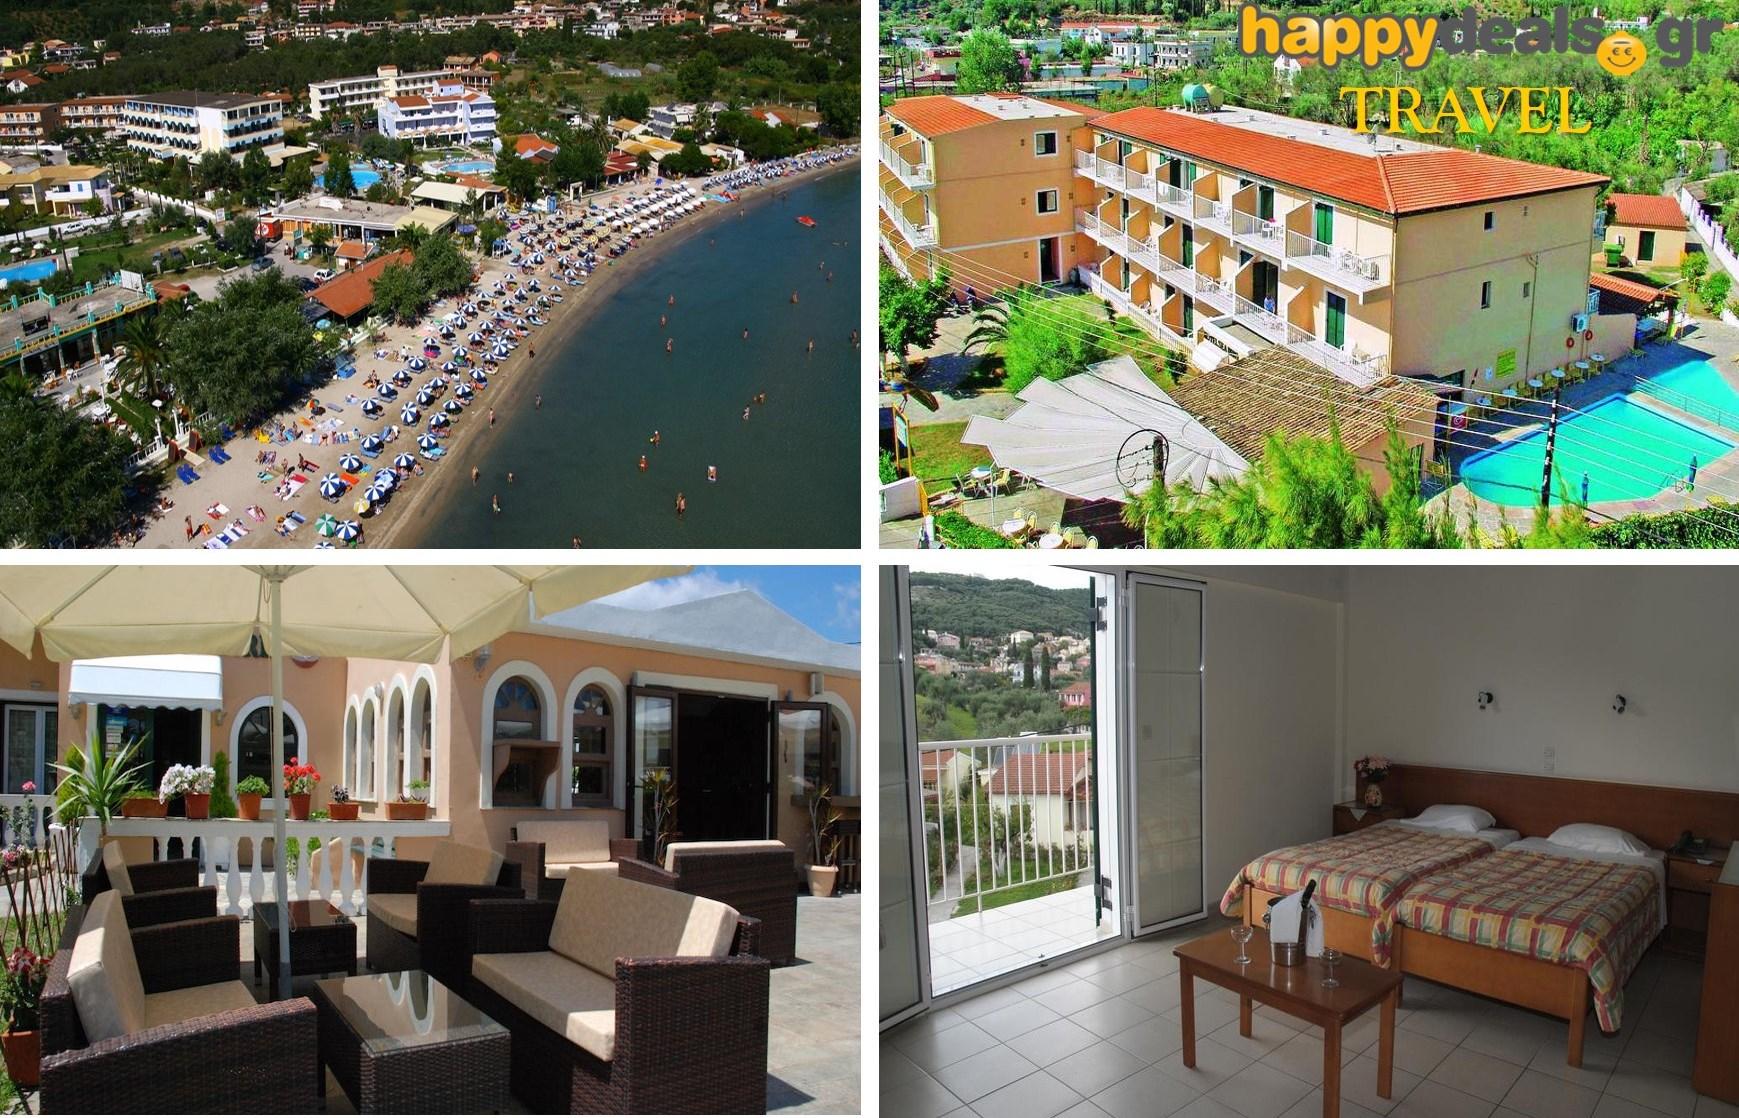 Διακοπές στη ΚΕΡΚΥΡΑ: Από 222€ για 5ήμερη απόδραση, με Ημιδιατροφή, στο ''Sea Bird Hotel'', στα Μωραίτικα εικόνα